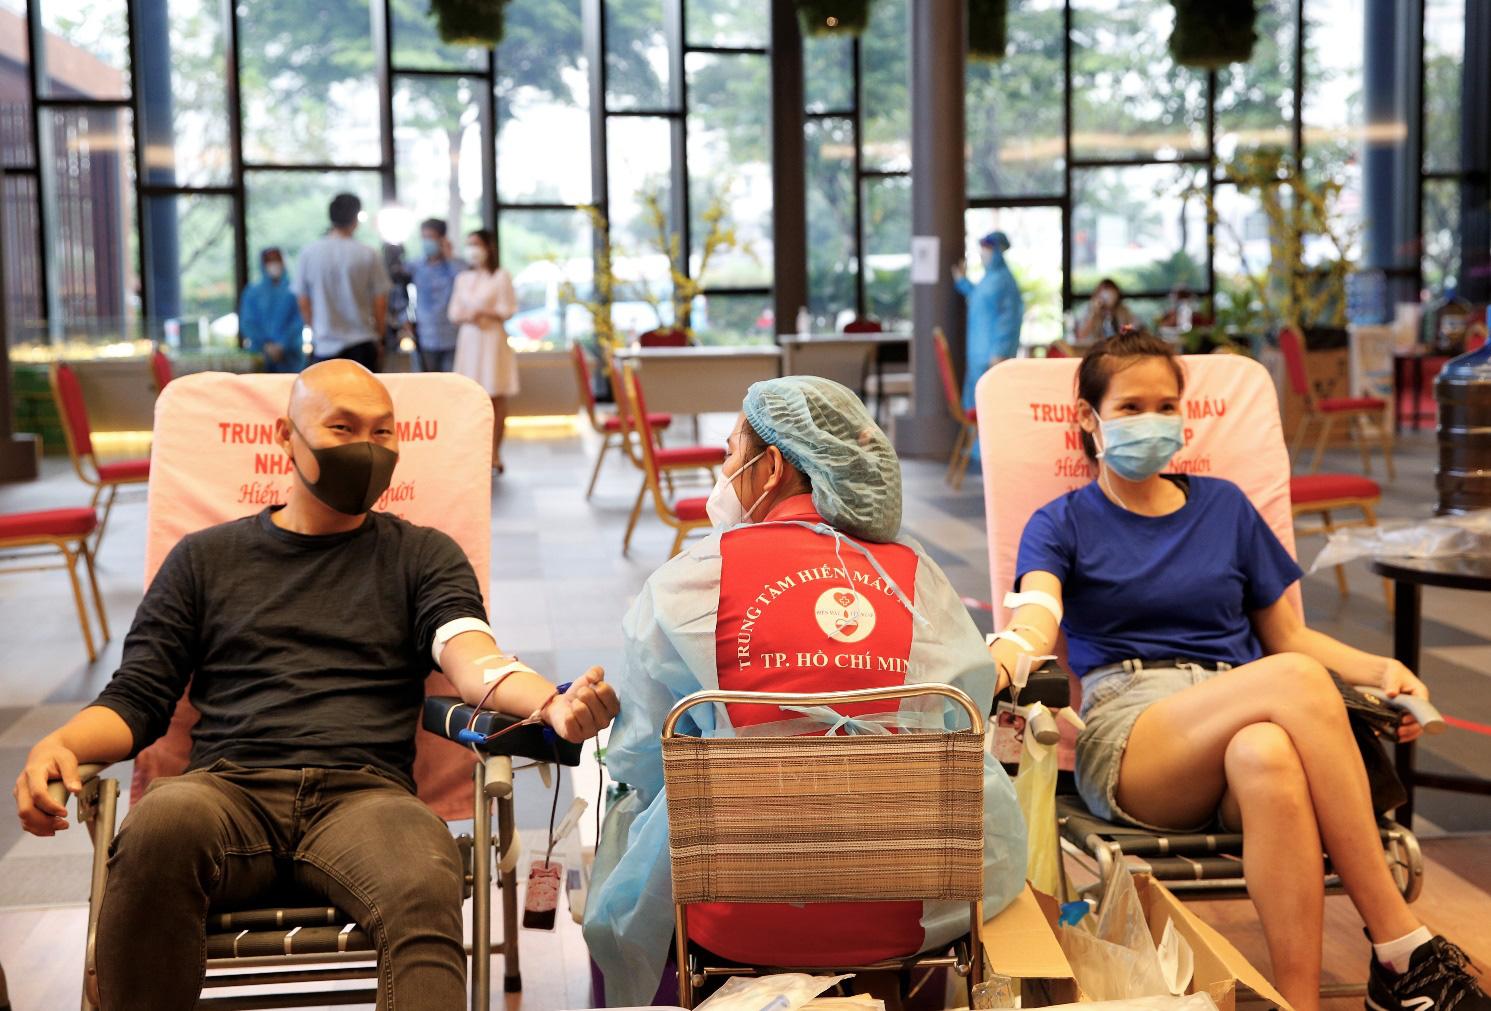 Hưởng ứng lời kêu gọi từ cộng đồng, nhiều cư dân Phú Mỹ Hưng đăng ký tham gia chương trình 'Giọt máu sẻ chia - Ân tình mùa dịch'